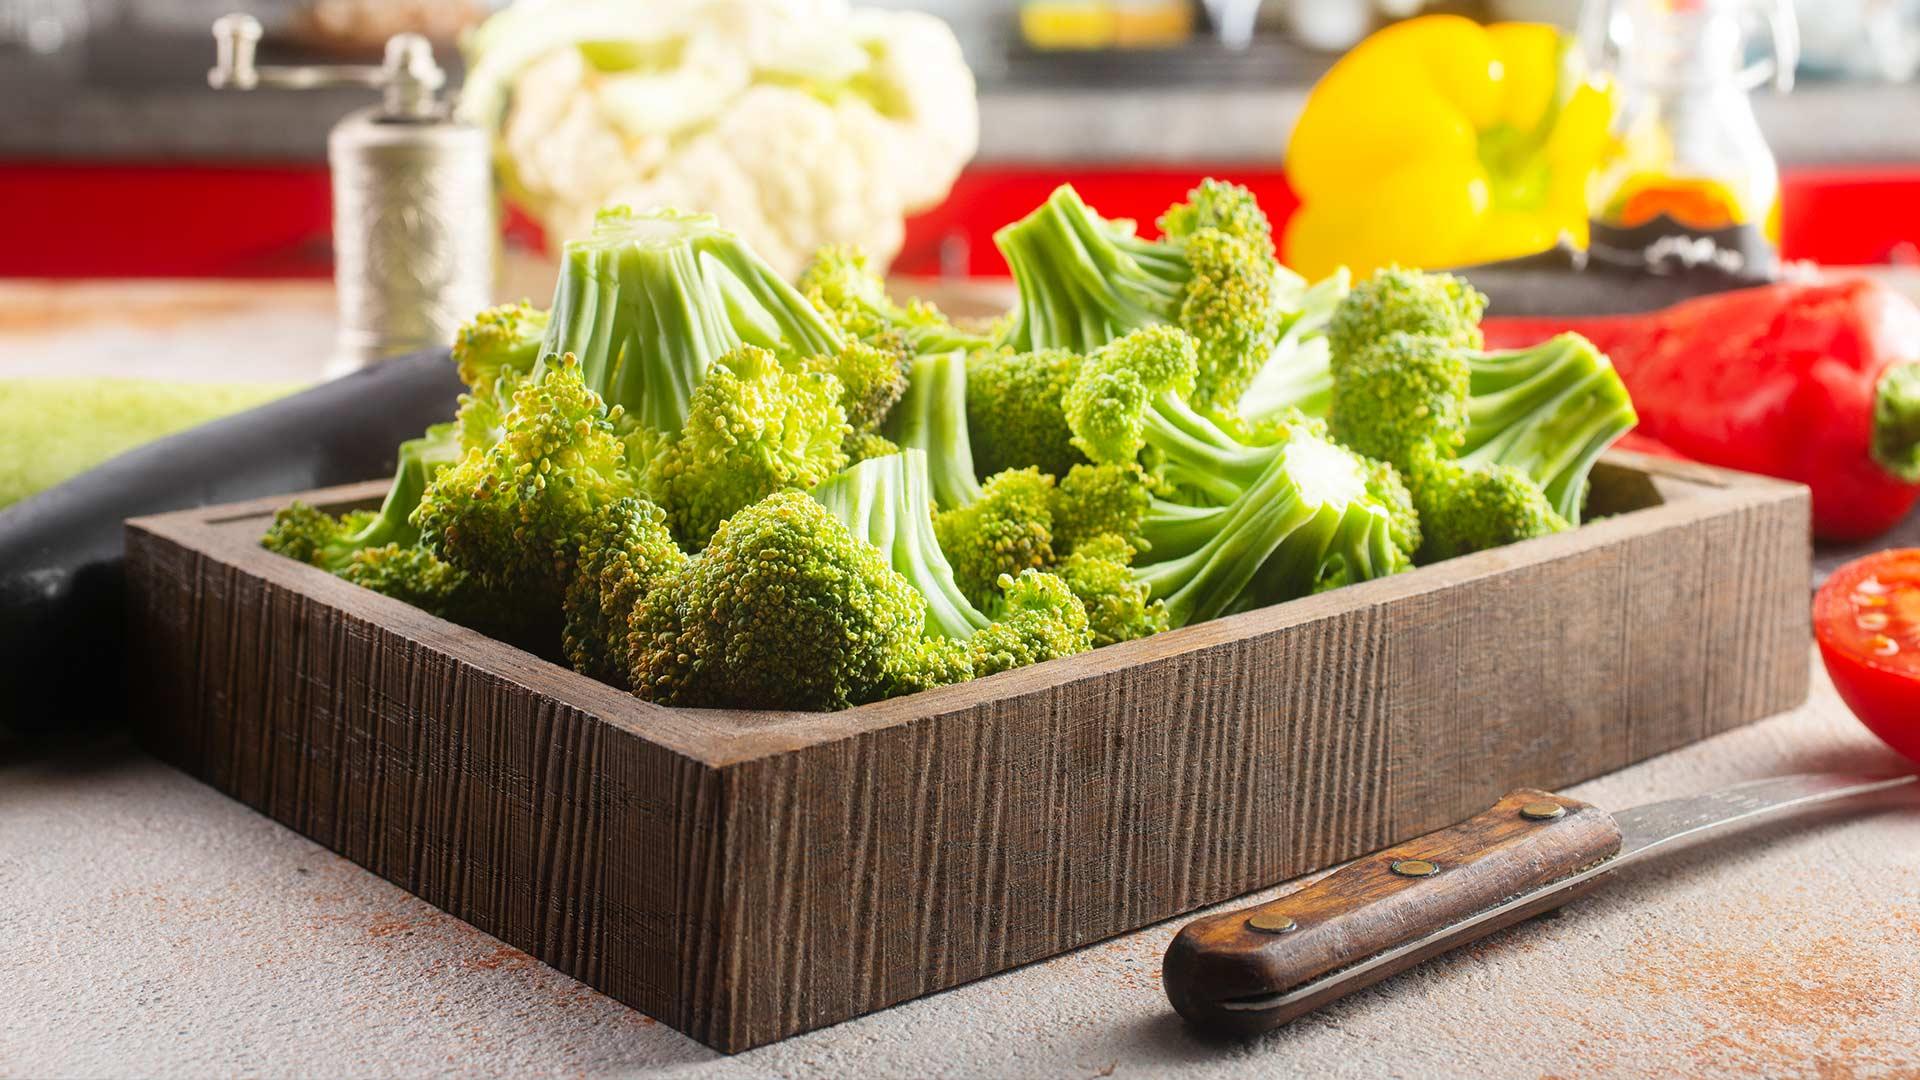 Brokkoli Die kleinen grünen Bäumchen einfach gesund desmondo